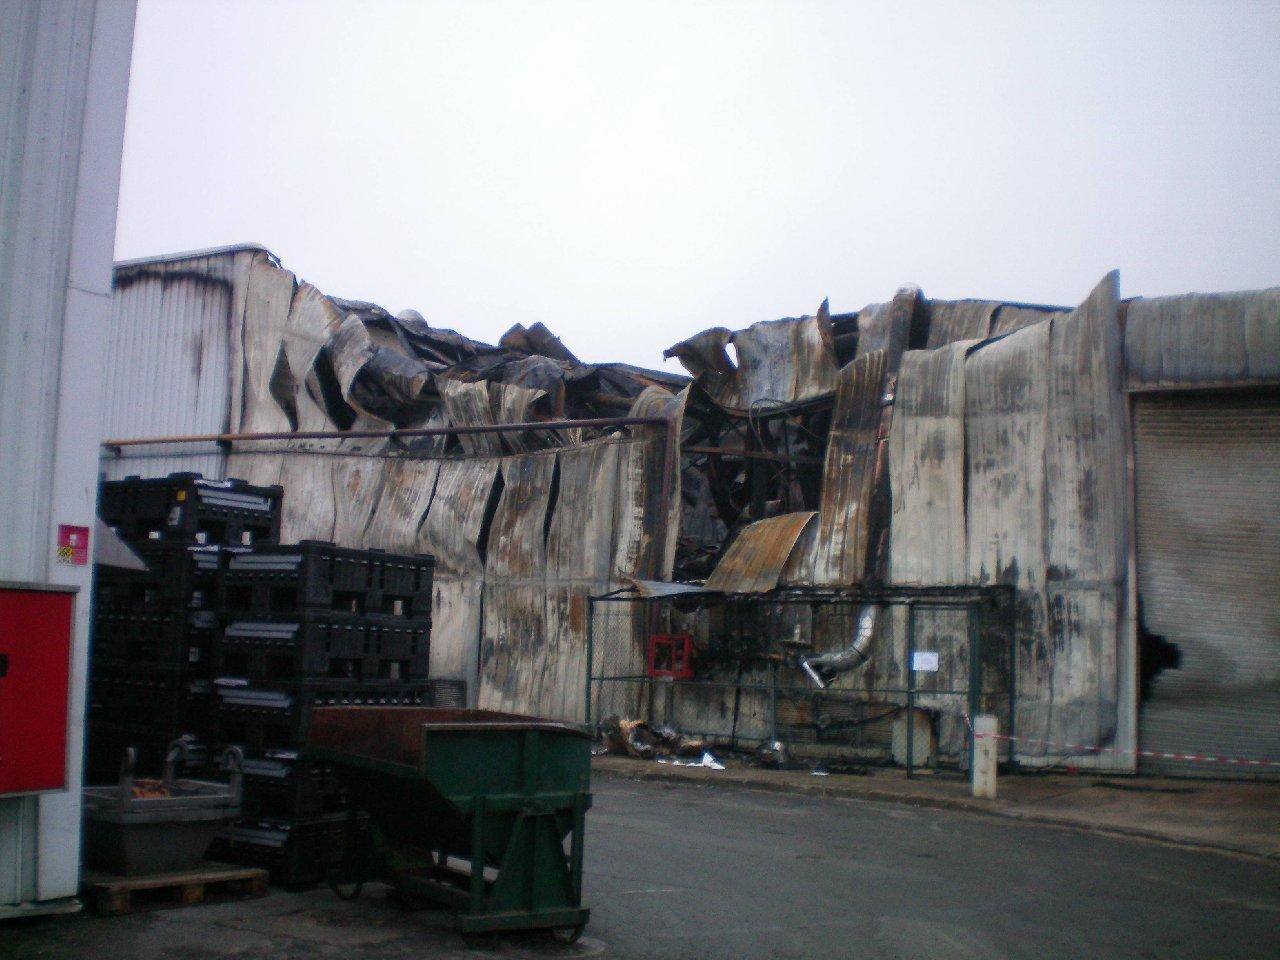 Incendie d'un bâtiment industriel.